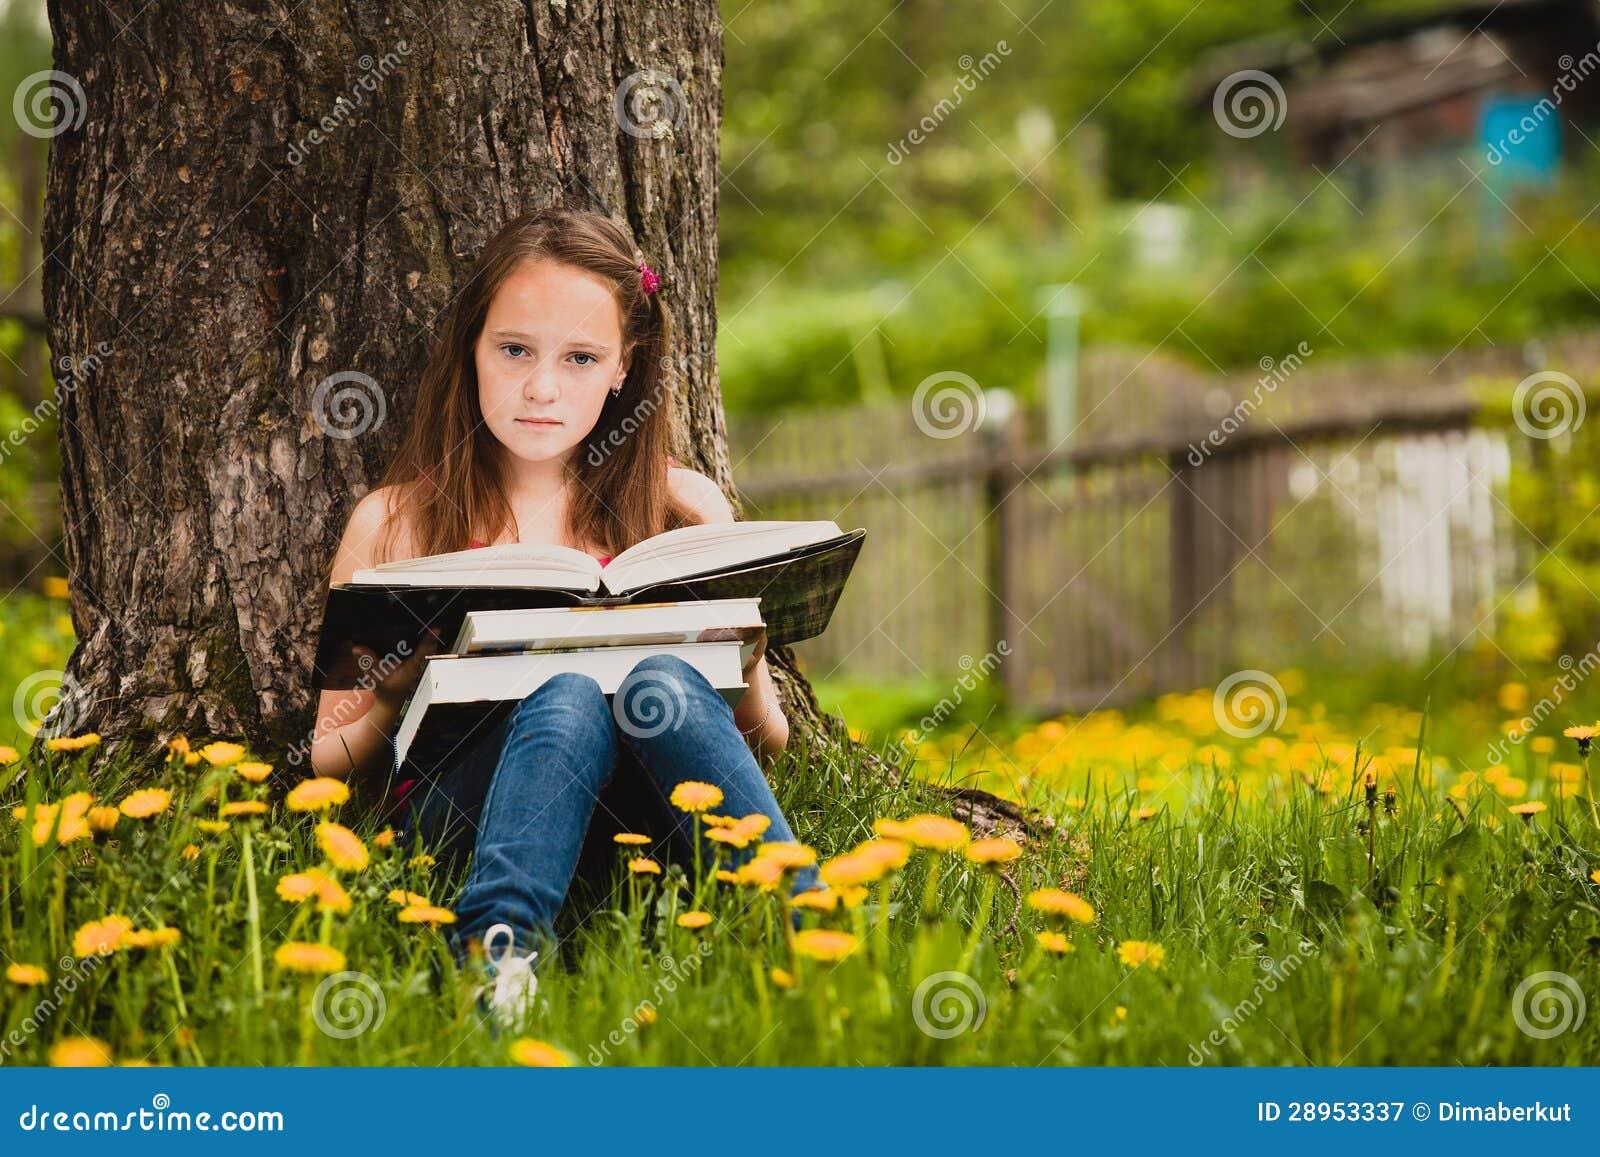 das mädchen 11 jahre alt liest ein buch stockbild  bild